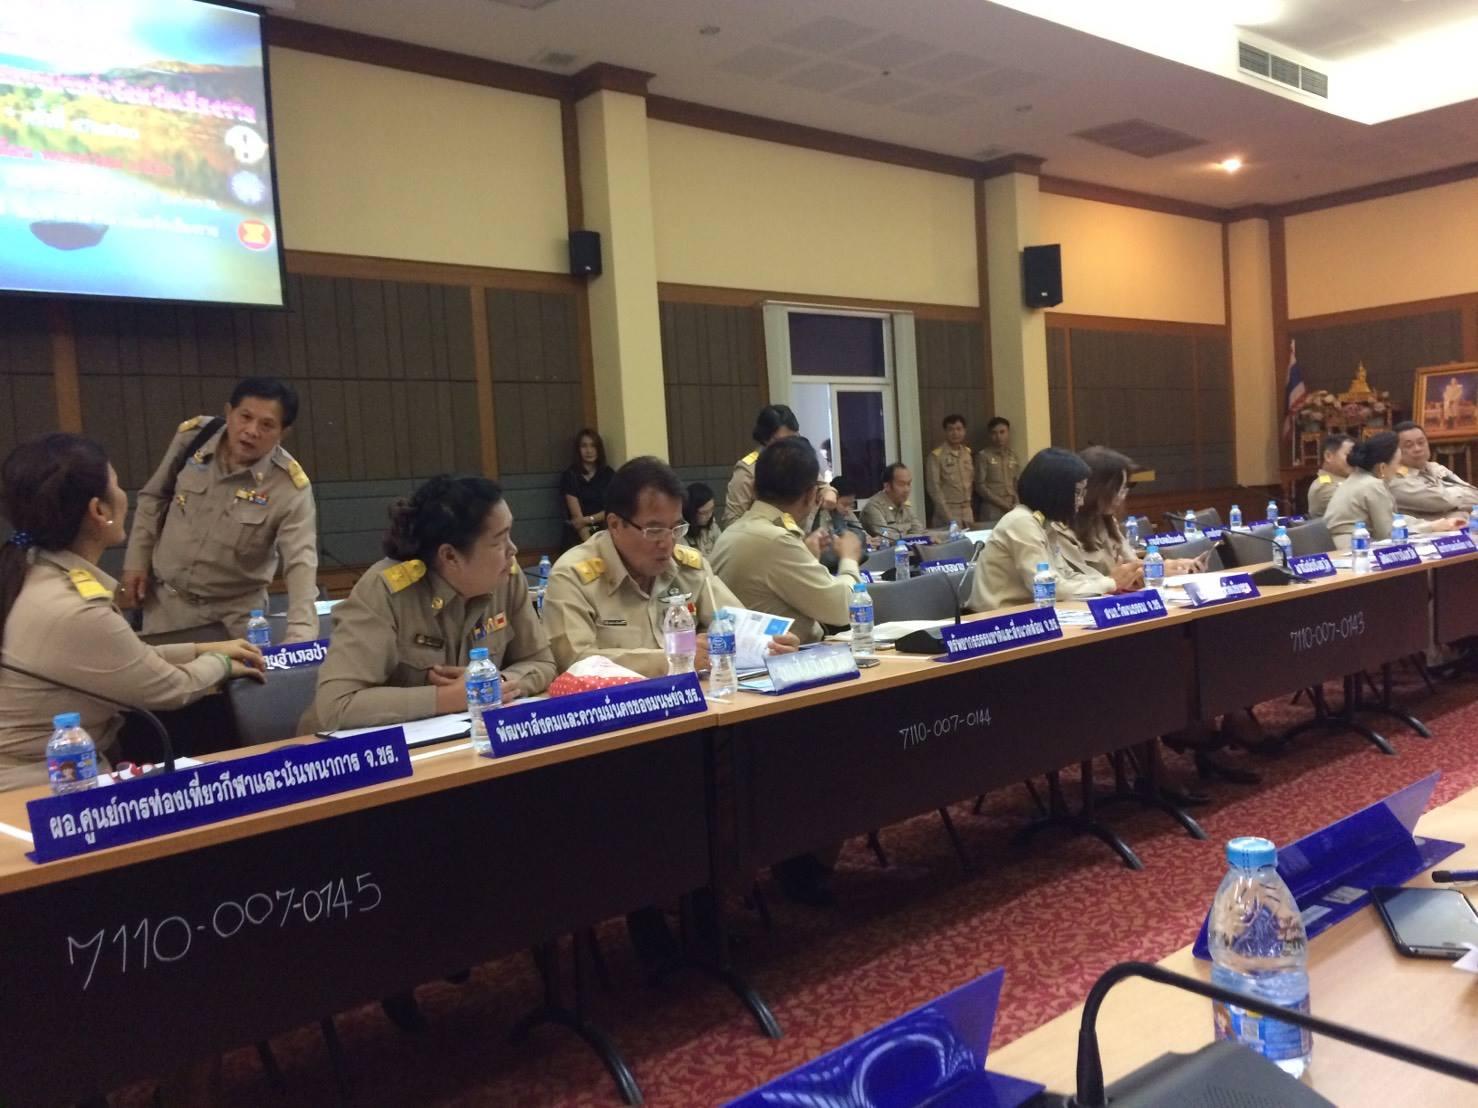 มทร.ล้านนา ชร.ร่วมประชุมหัวหน้าส่วนราชการจังหวัดเชียงราย ครั้งที่ 5/2560